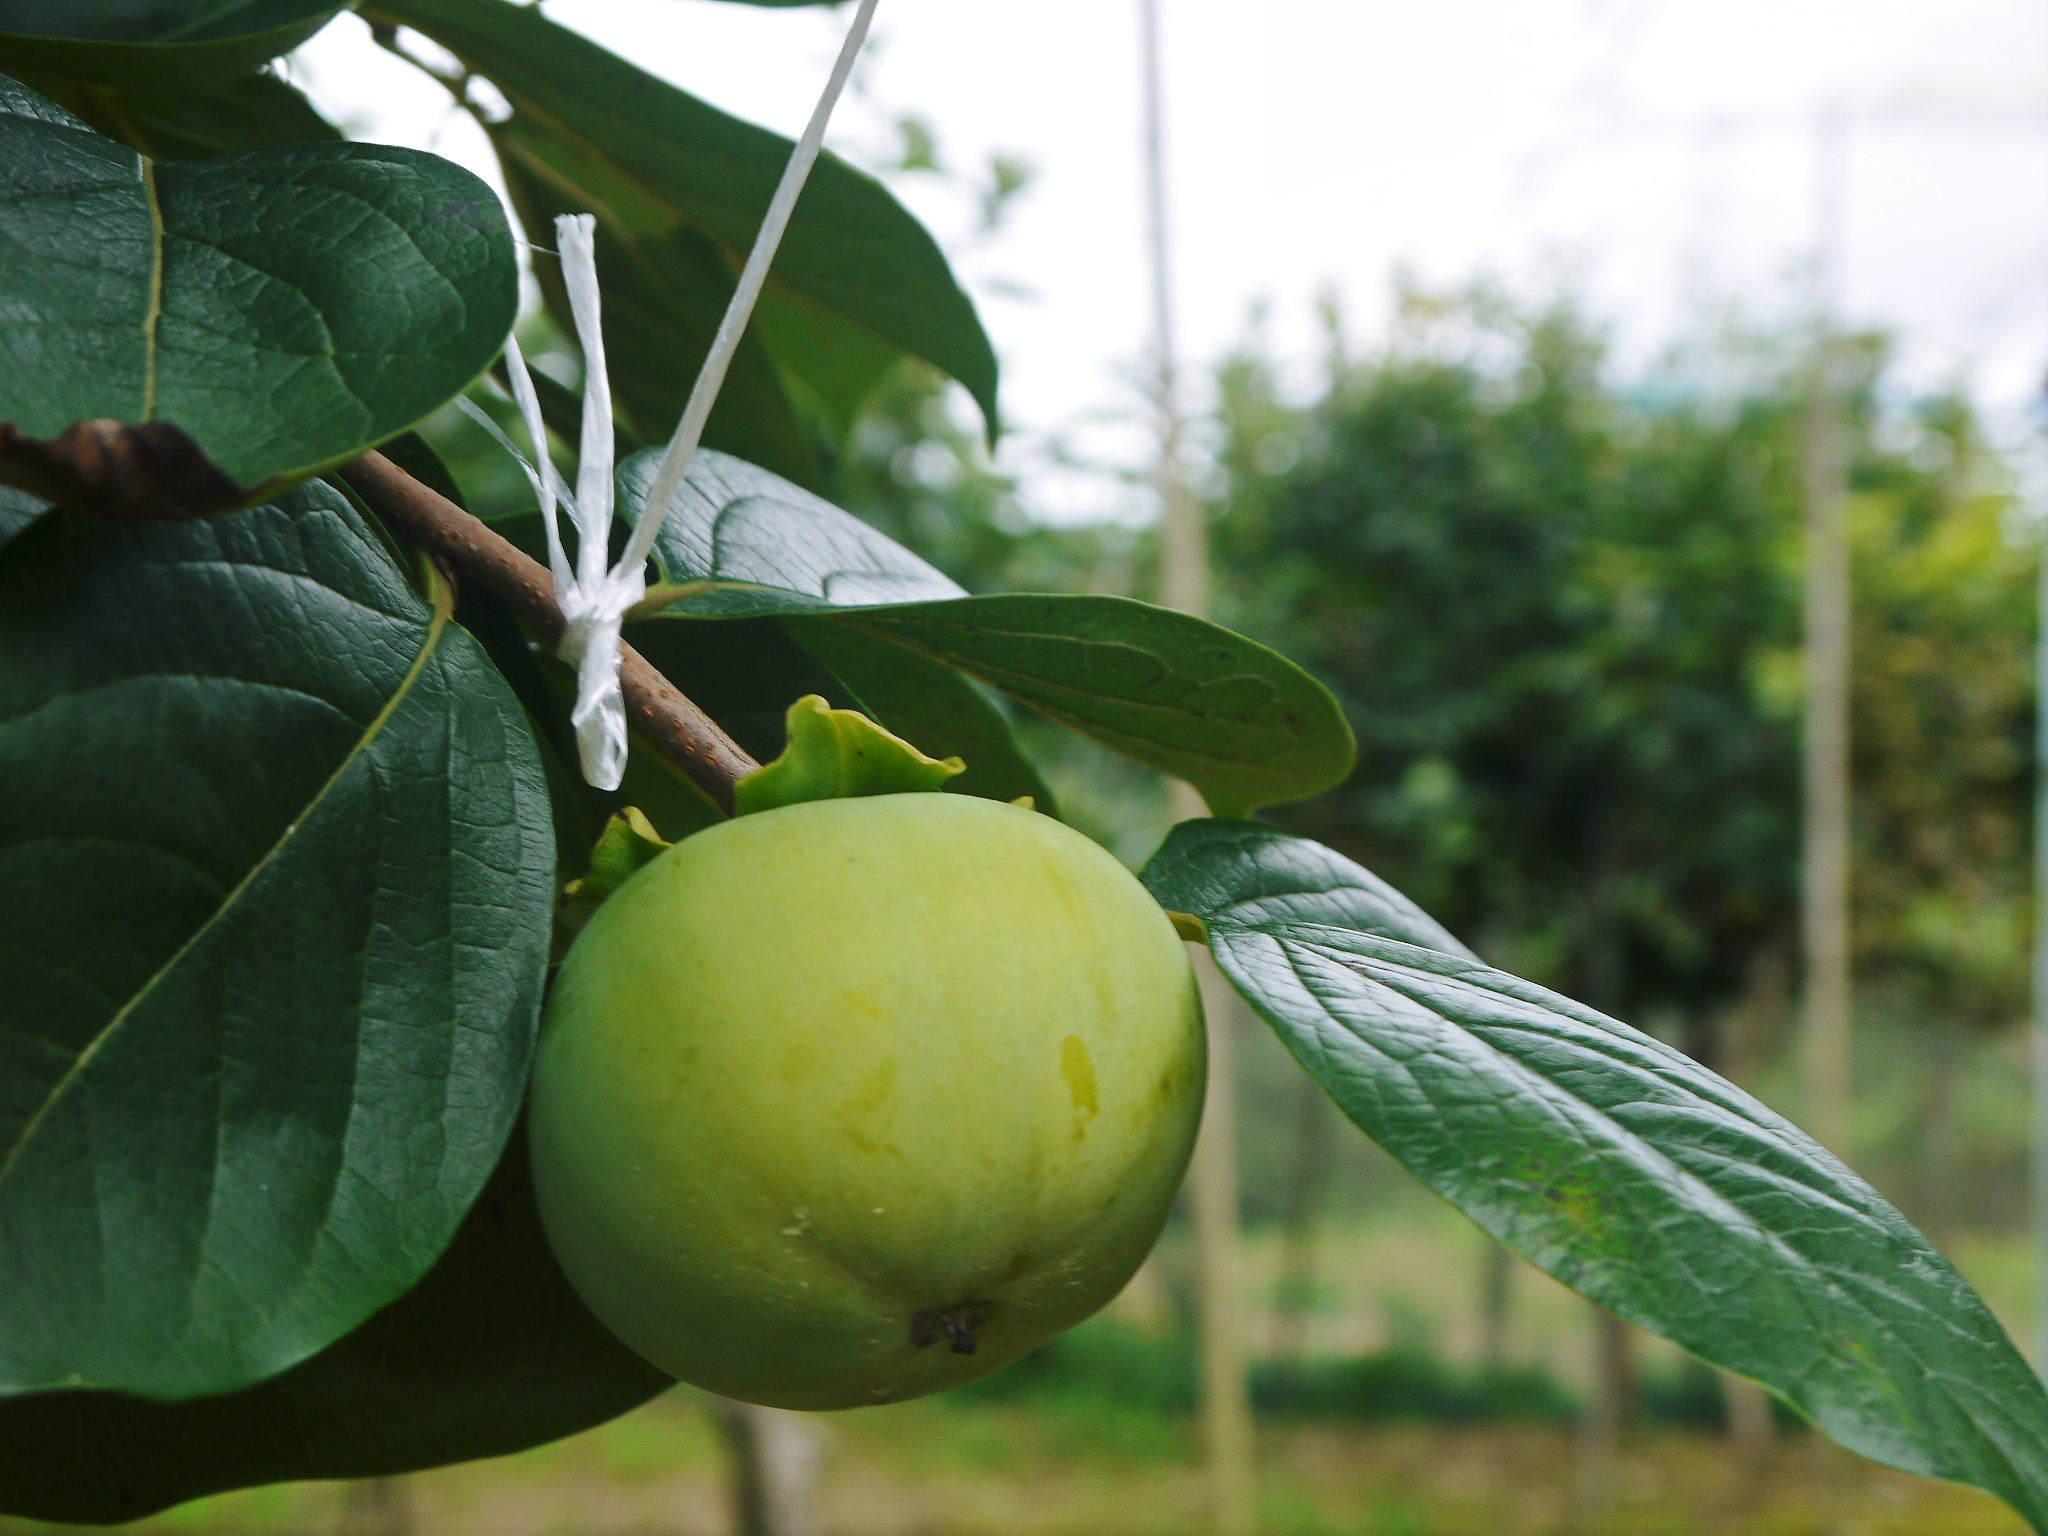 太秋柿 古川果樹園 元気に成長中!今年も摘果作業と枝つり作業で至高の太秋柿を育てます! _a0254656_19061529.jpg